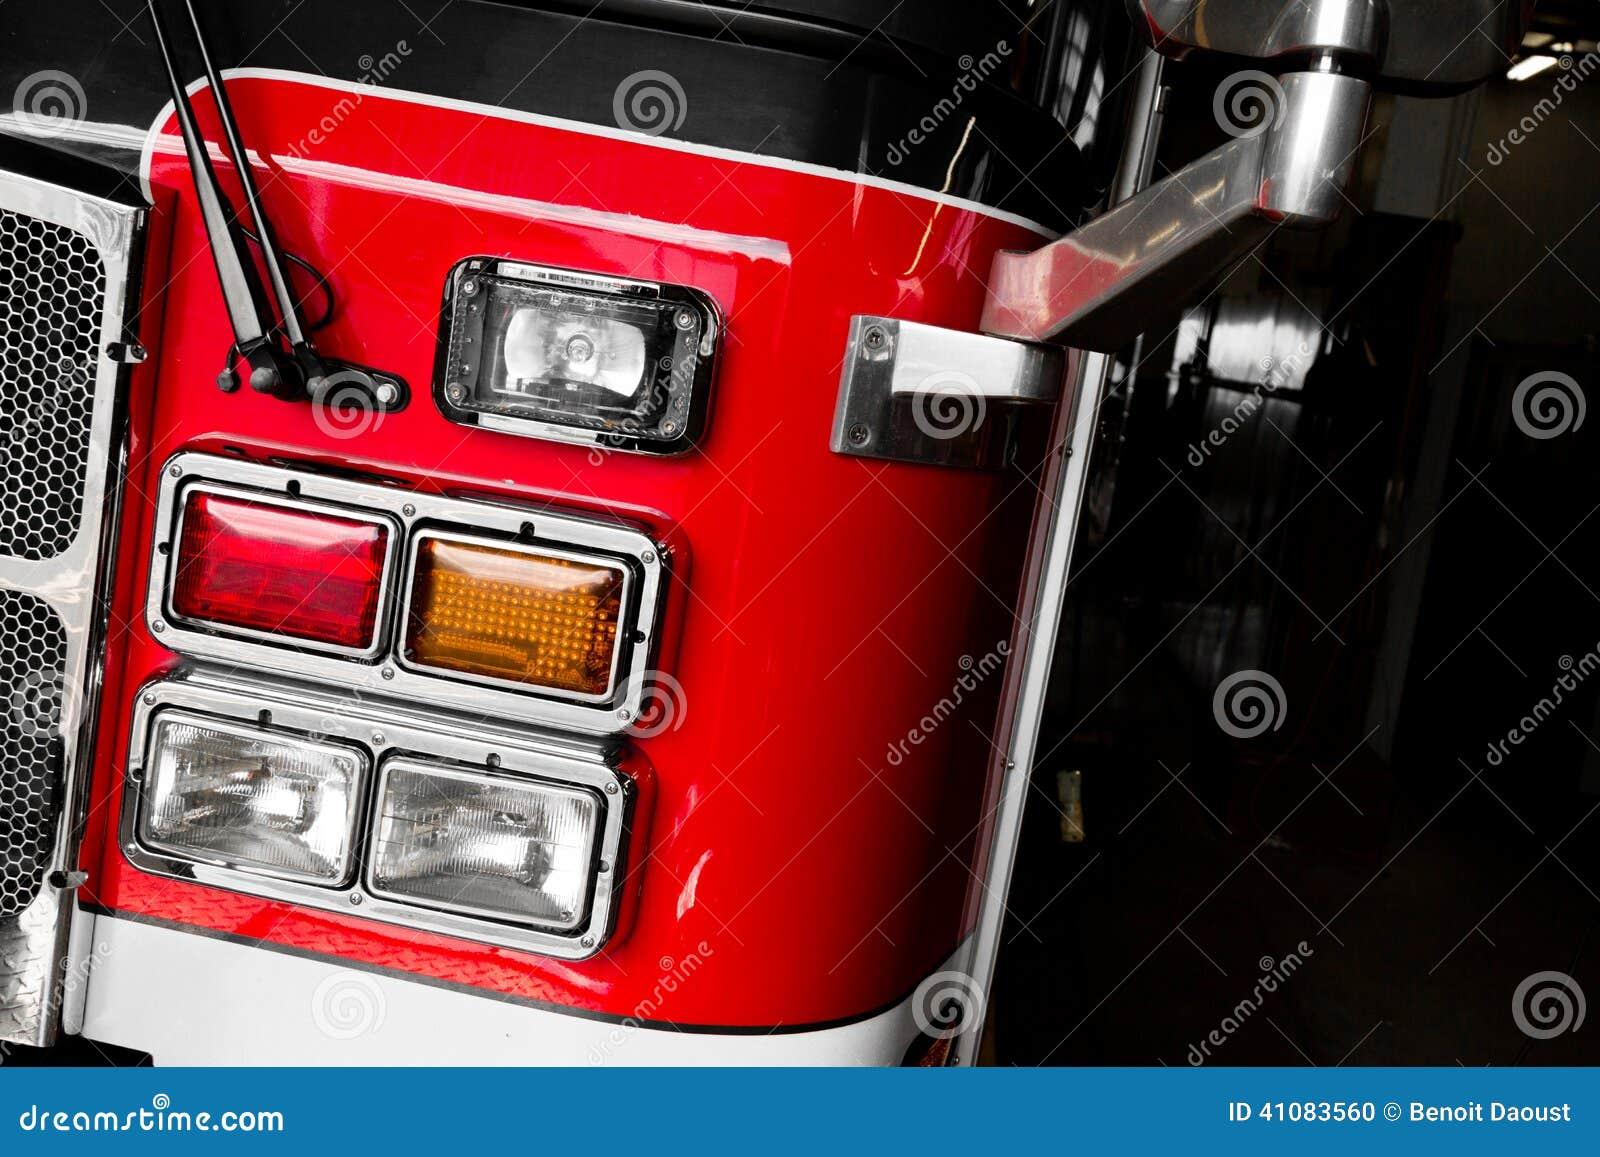 Dettagli del Firetruck della parte anteriore e delle luci